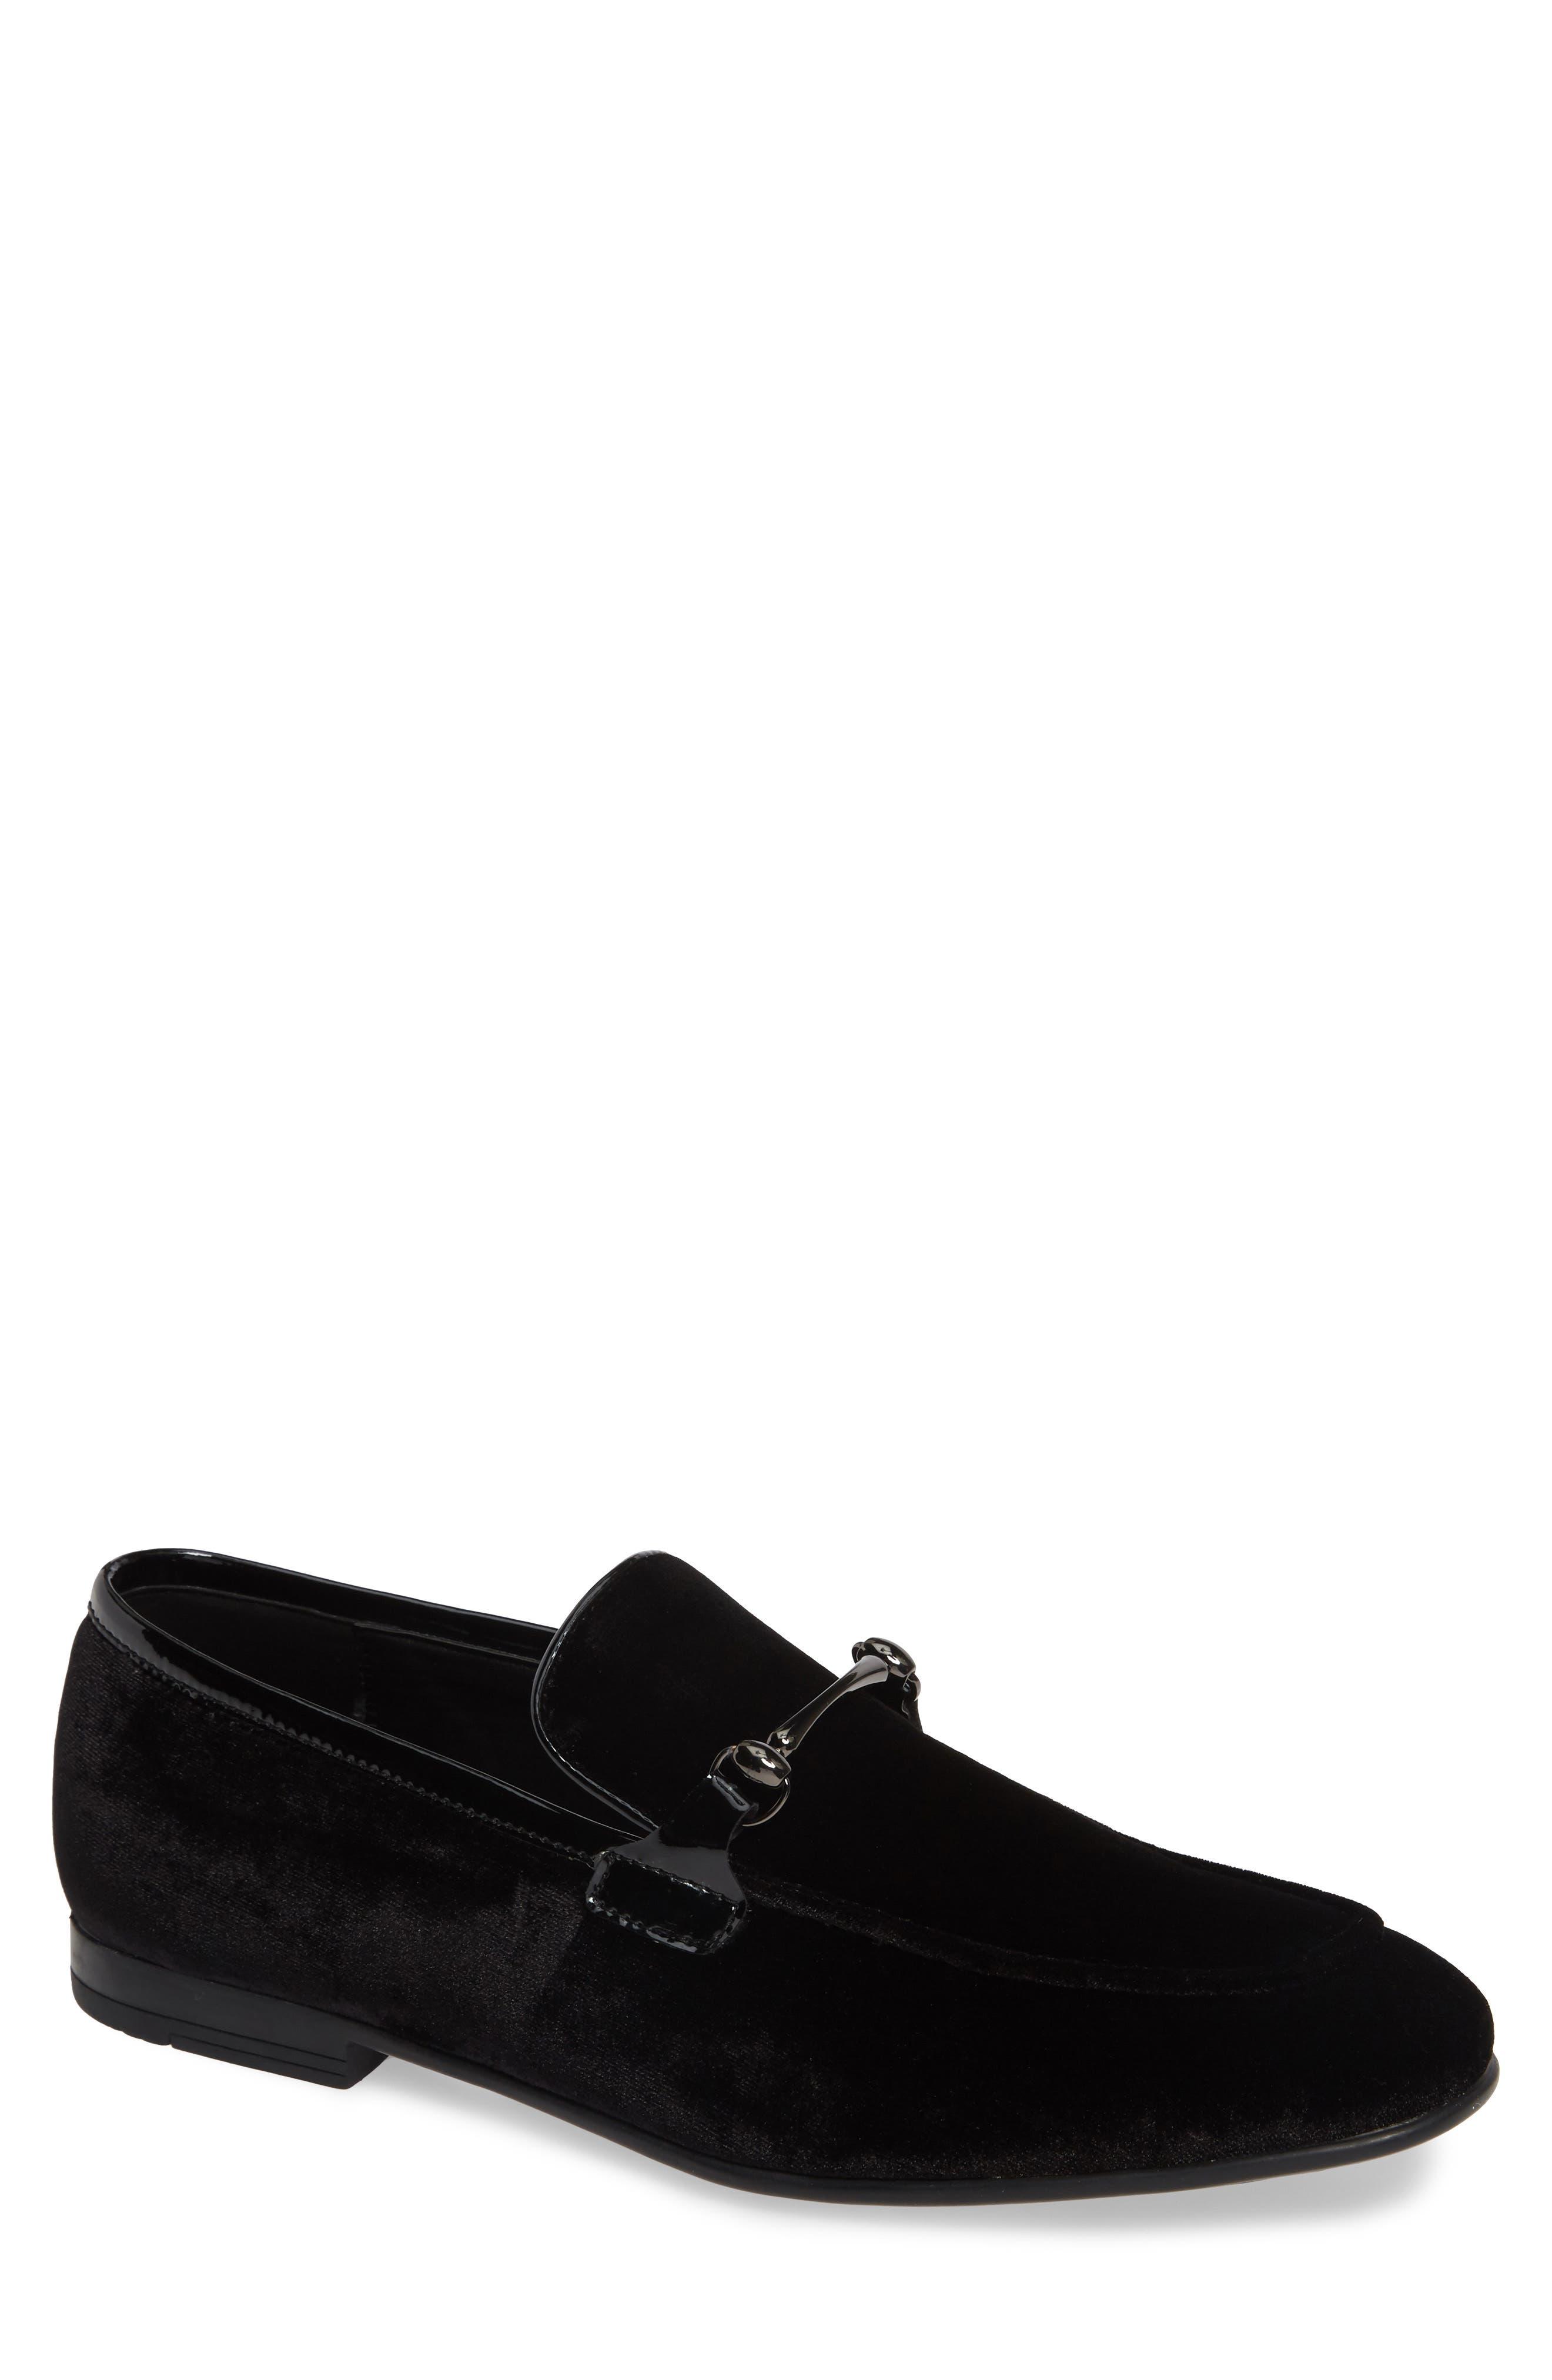 Nelson Venetian Bit Loafer,                         Main,                         color, BLACK VELVET